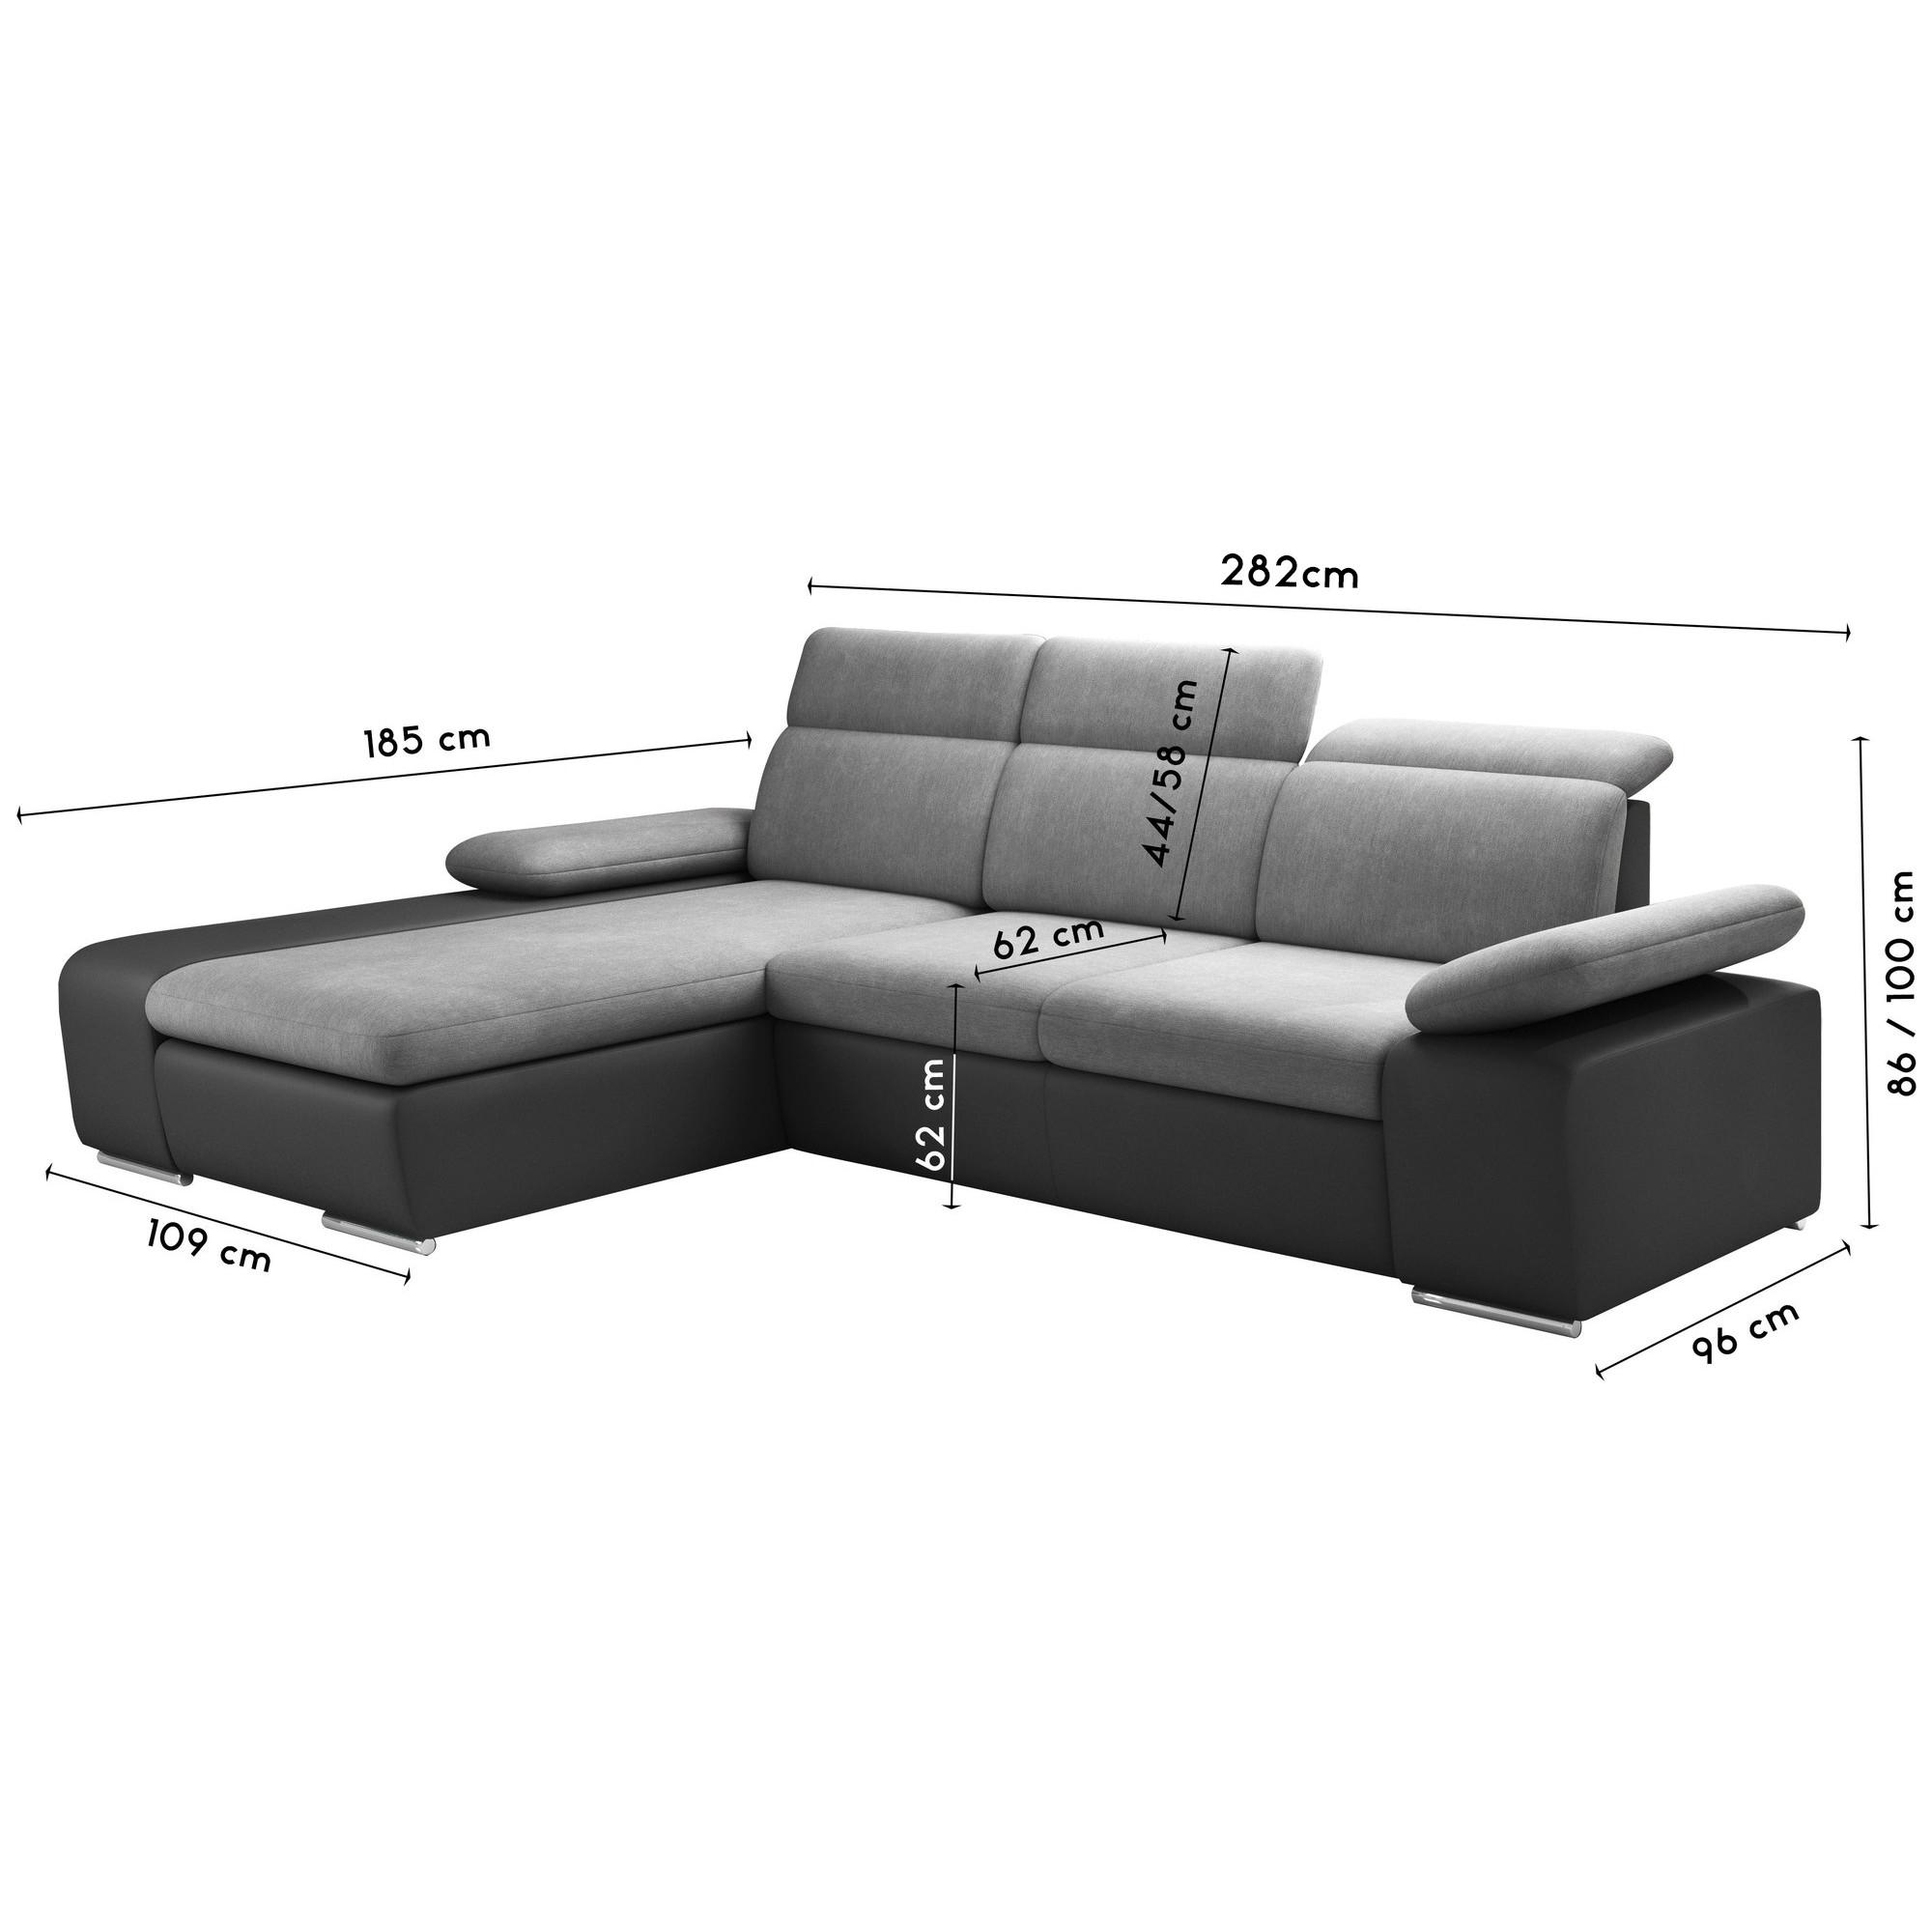 Canapé Cuir Avec Méridienne Salon Canapé D Angle Convertible Design En Tissu Gris Et